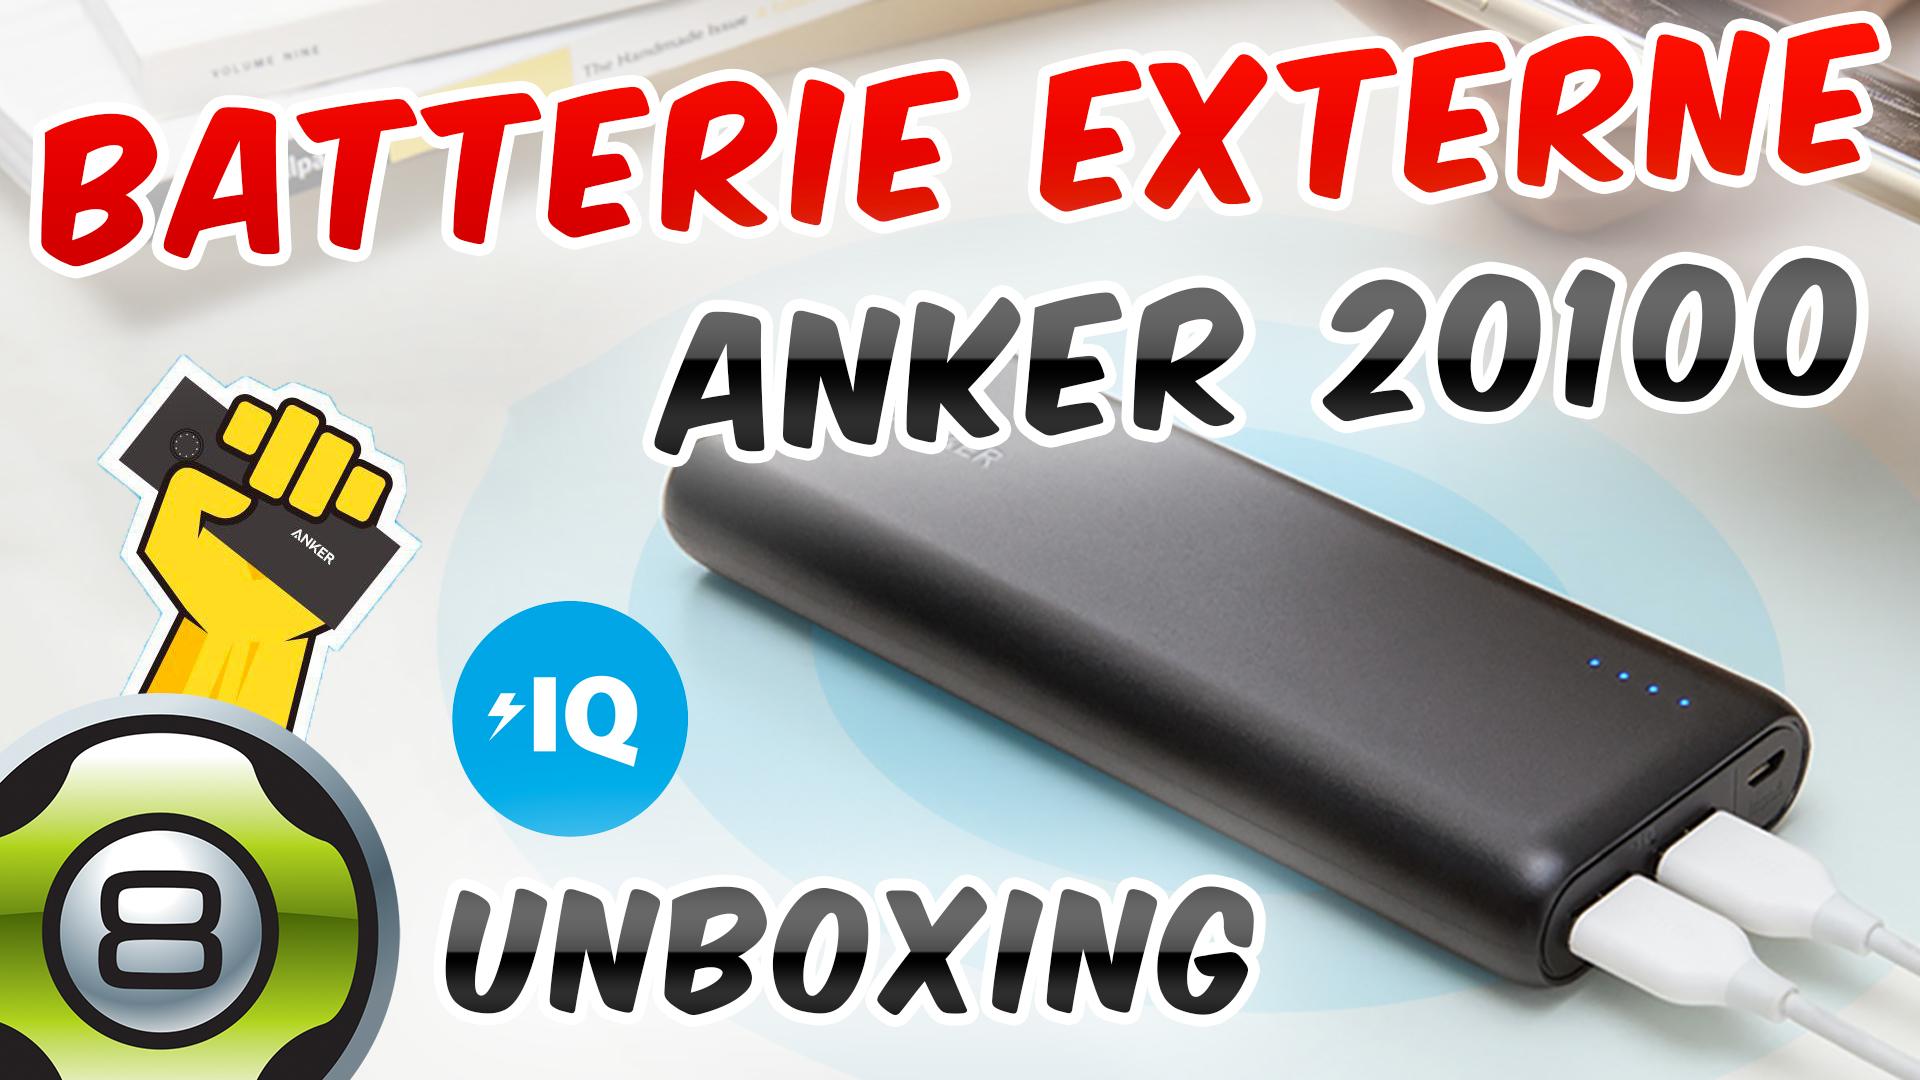 Unboxing batterie externe Anker PowerCore 20100 et AmazonBasics